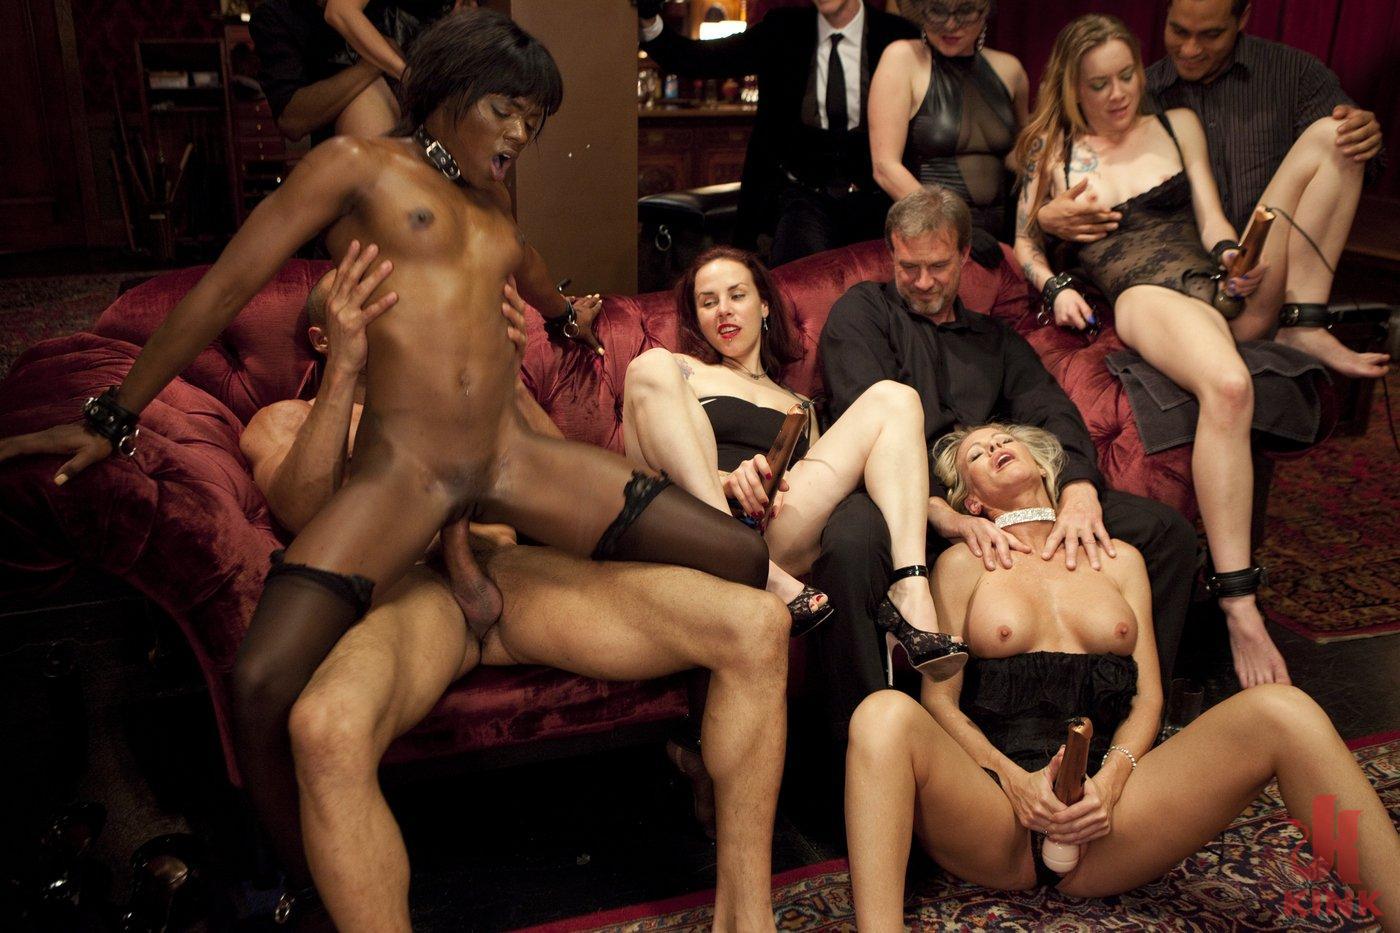 erotik events kink upper floor